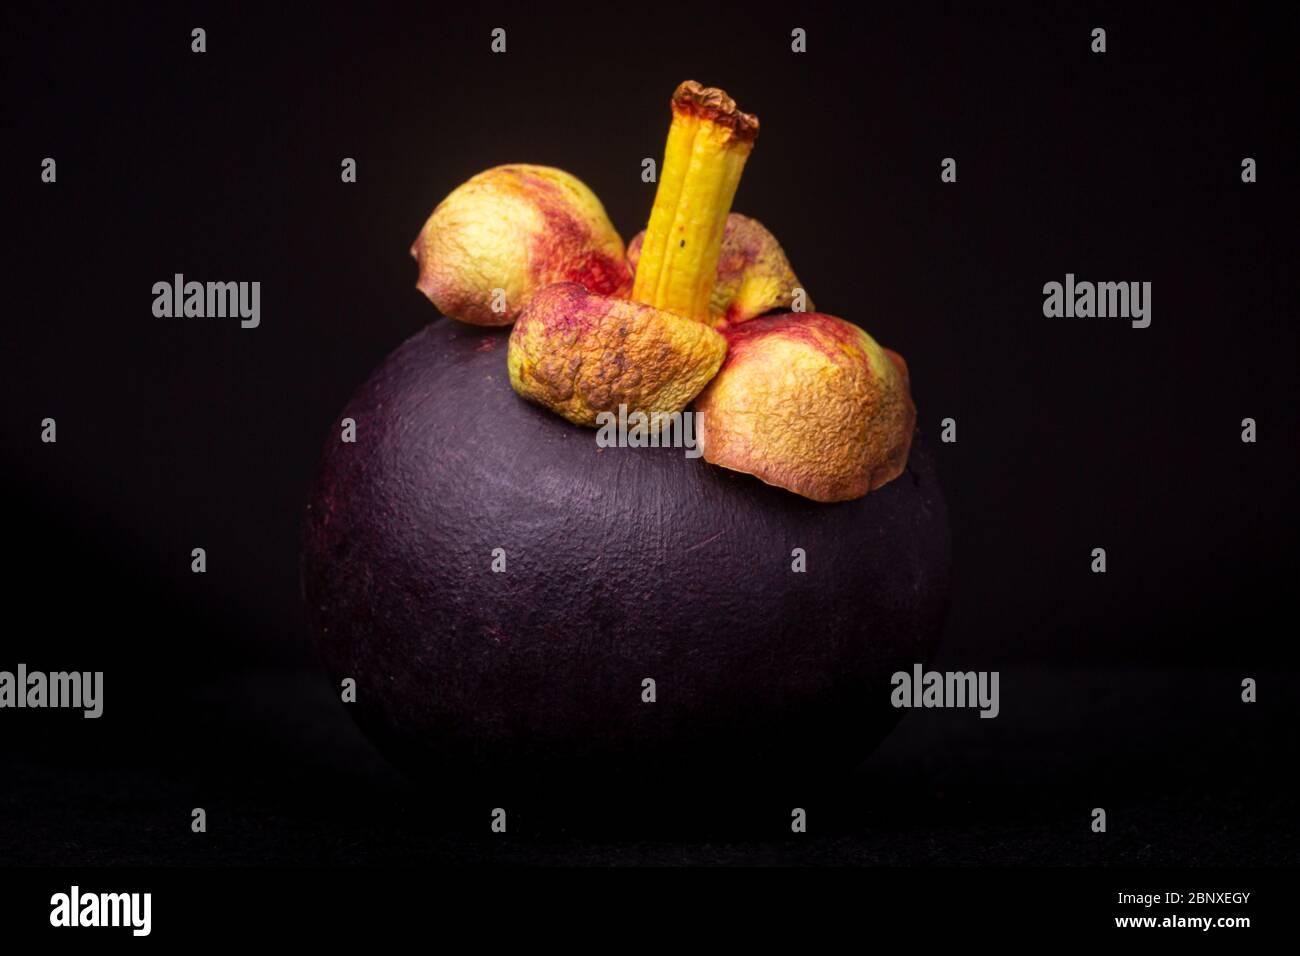 Une photo de Moody, un fruit de mangoustan exotique rouge-violacé, également appelé « Reine des fruits » considéré comme une délicatesse. Studio basse vie de nourriture Banque D'Images